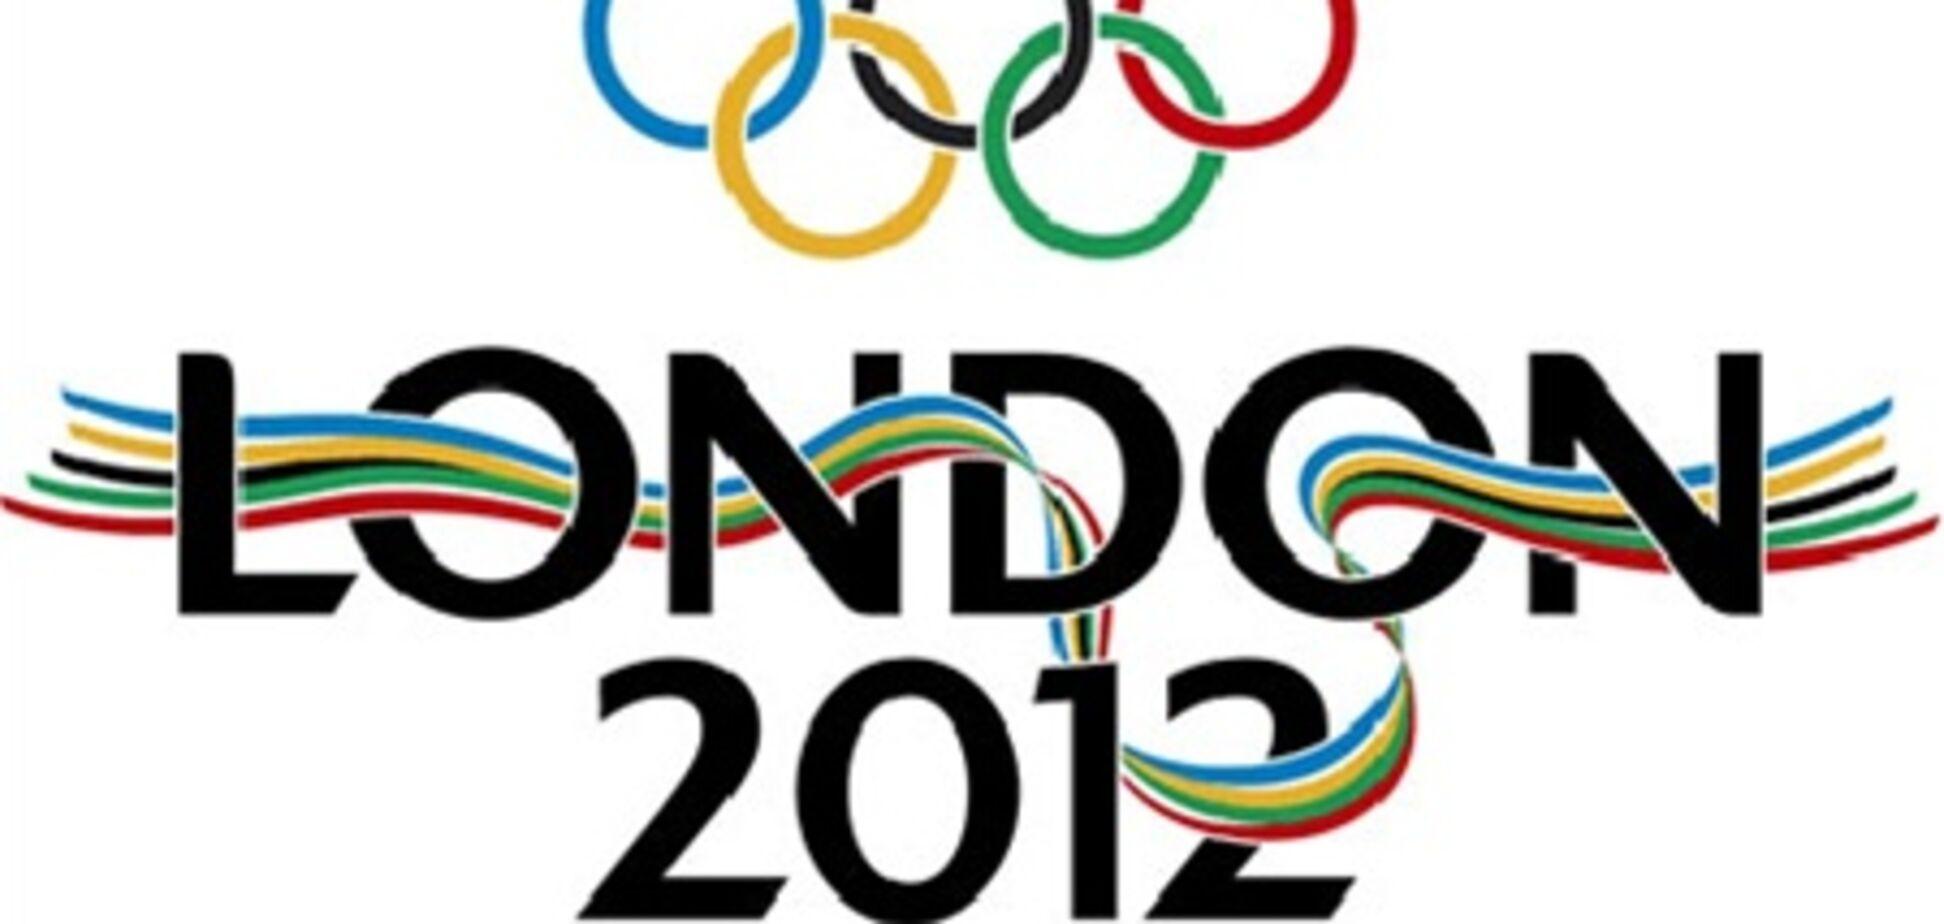 Під час Олімпіади-2012 інтернет в центрі Лондона буде безкоштовним